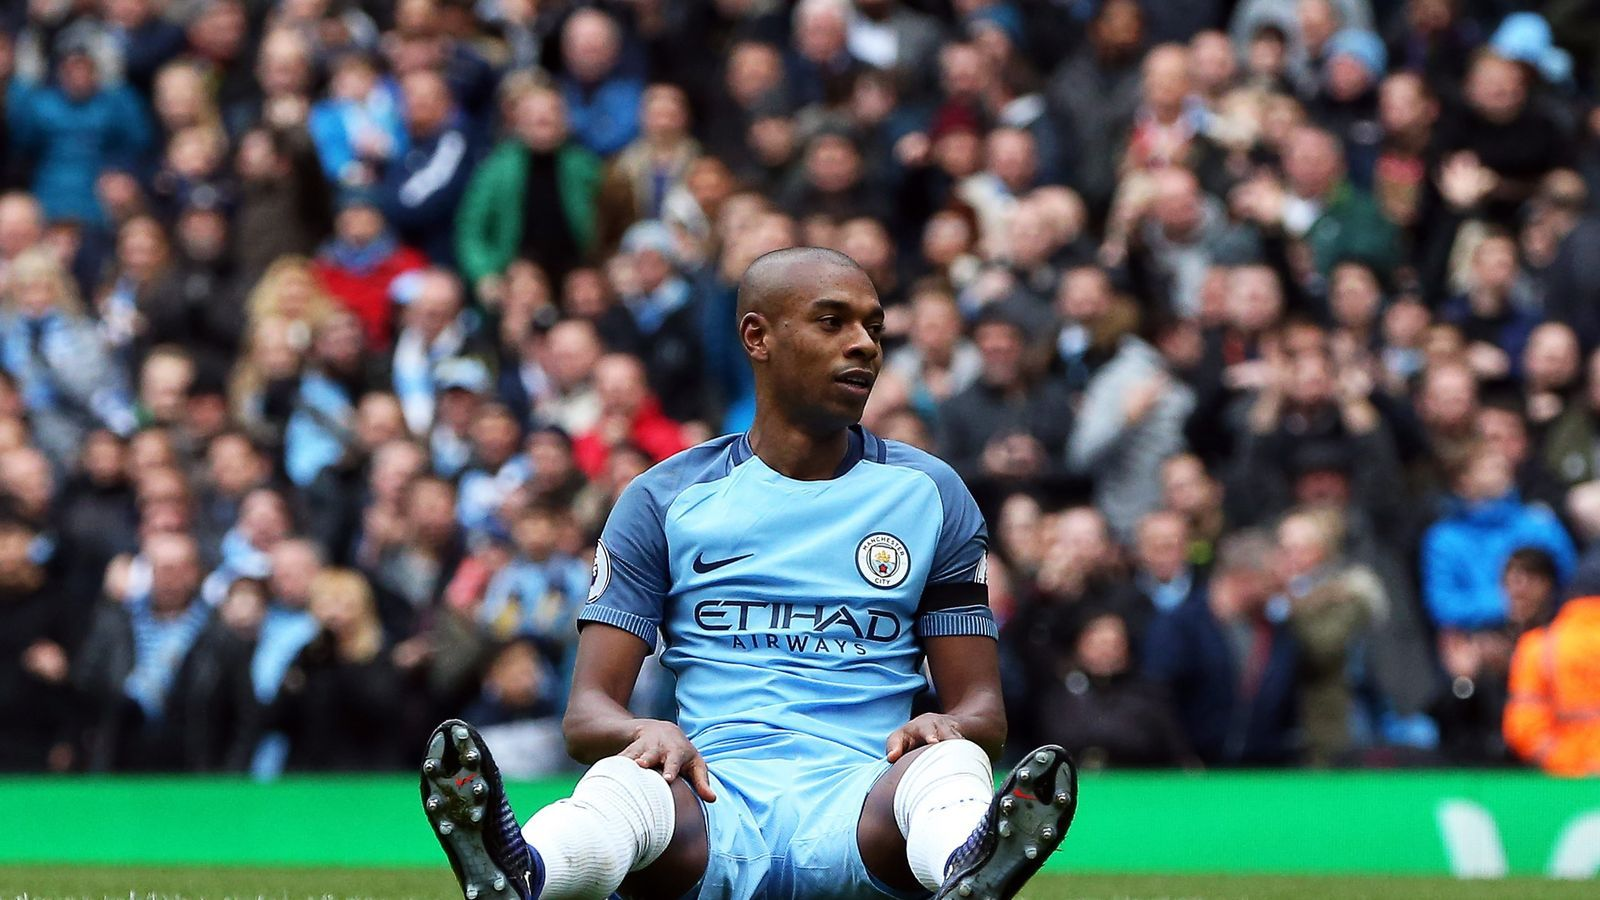 El City cau davant el Chelsea, que és més líder (1-3)